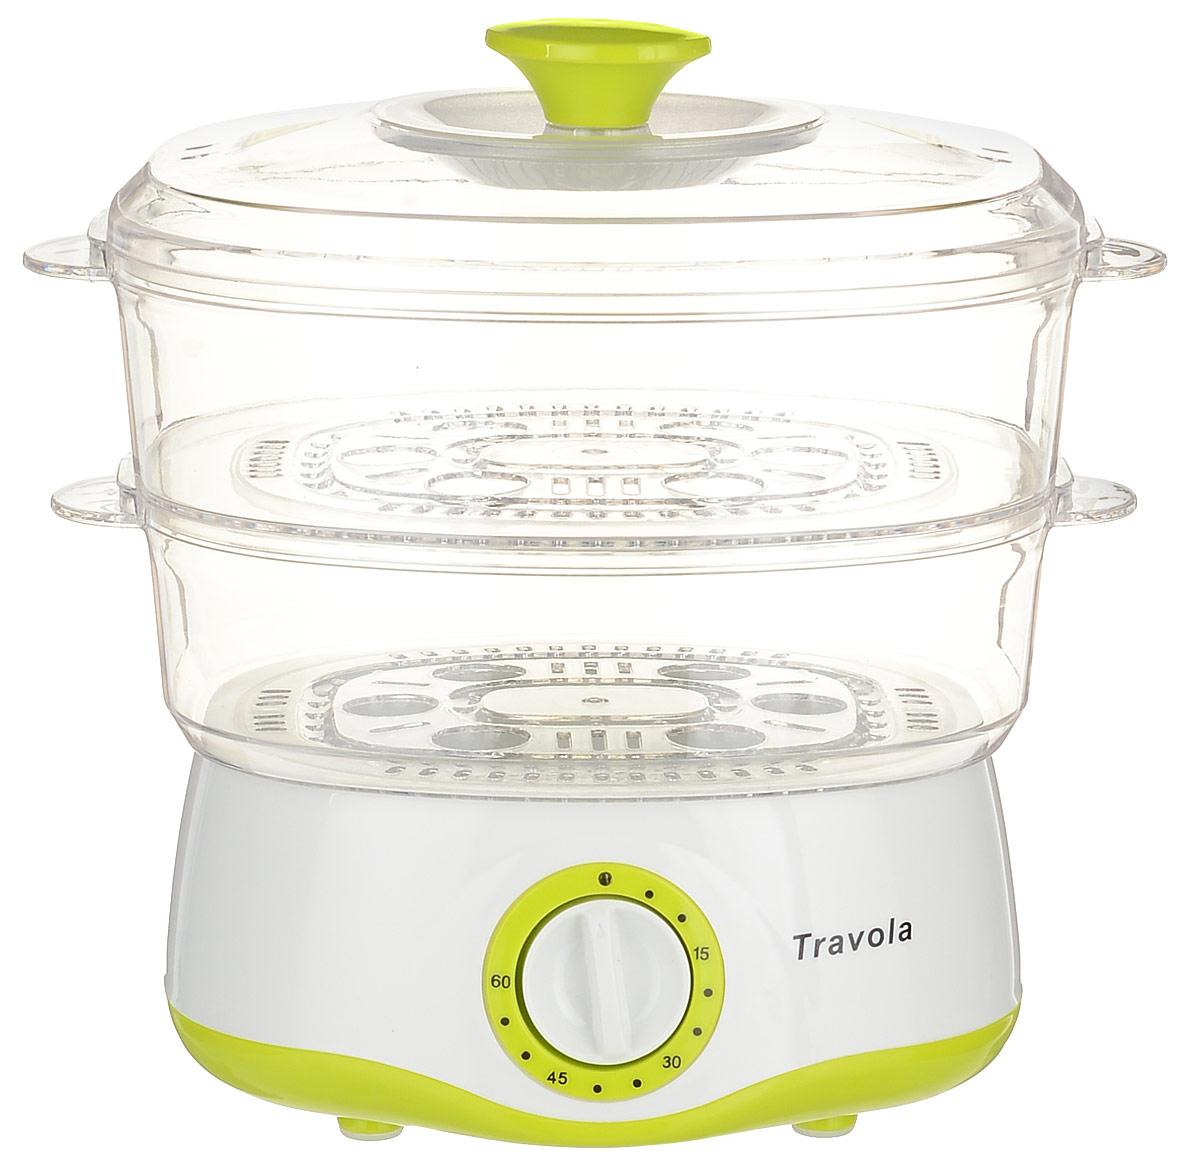 Travola KYS-302 пароваркаKYS-302Пароварка Travola KYS-302 - необходимый прибор для приготовления истинных кулинарных шедевров. Она максимально облегчает процесс приготовления блюд и гарантирует идеальный результат. Это разработка, произведенная с использованием собственных современных технологий, и, как результат - долговечный и высокопроизводительный прибор. Предназначена для приготовления блюд на пару, таких как манты, рыба и овощи на пару, тефтели, морепродукты, кукуруза и т.д.Два съемных поддона